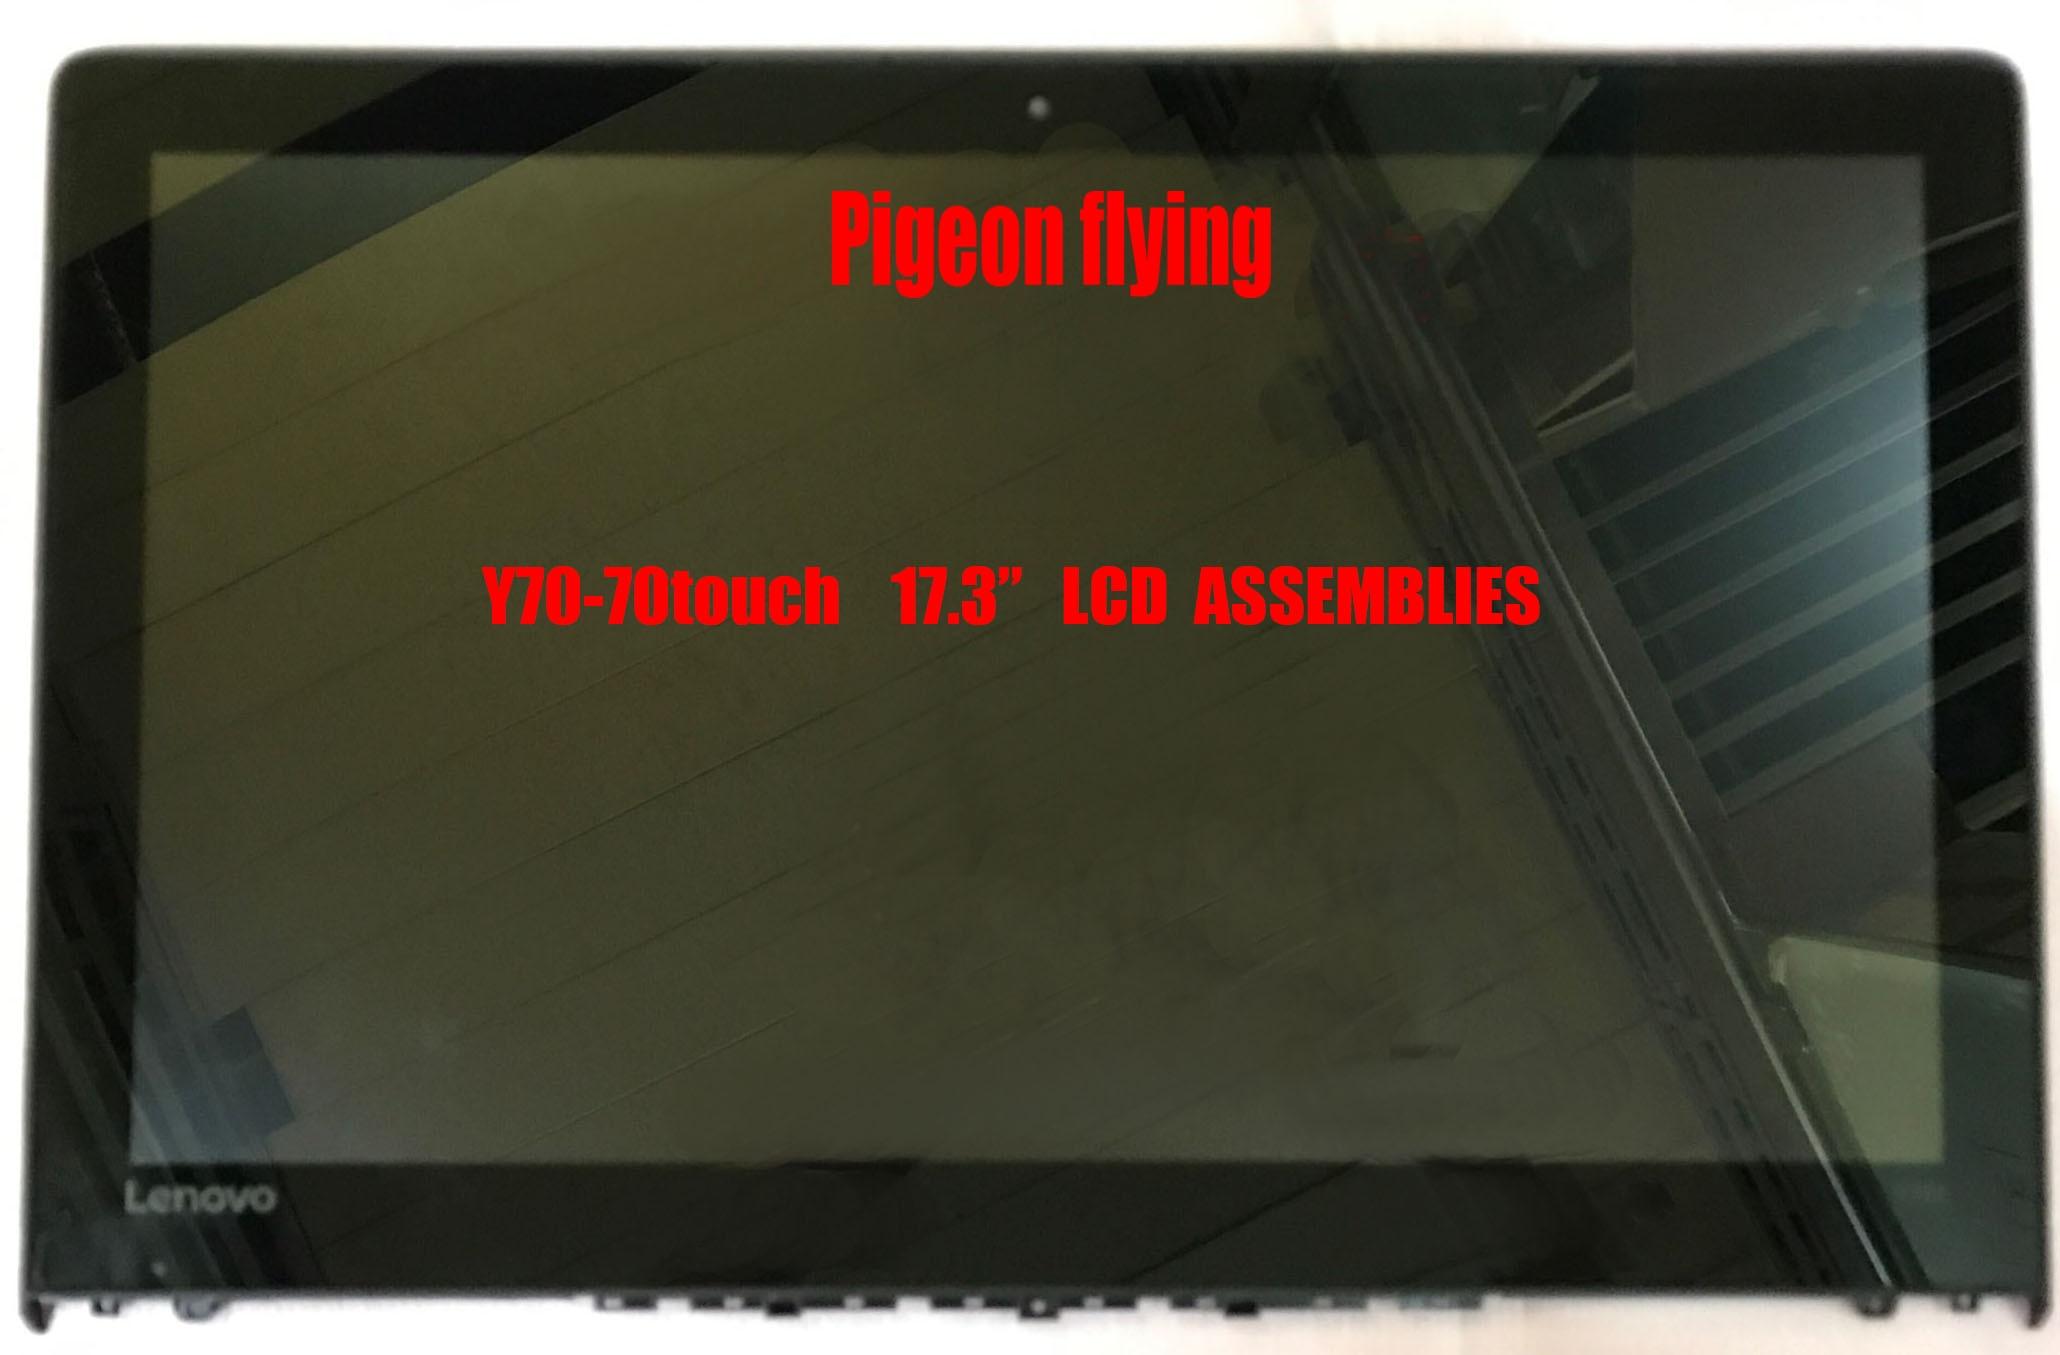 """Nowy 80DU dla lenovo y70-70 dotykowy LCD do laptopa zespoły, ekran LCD 17.3 """"LP173WF4 (SP) (F1) FRU 5D10G59769"""